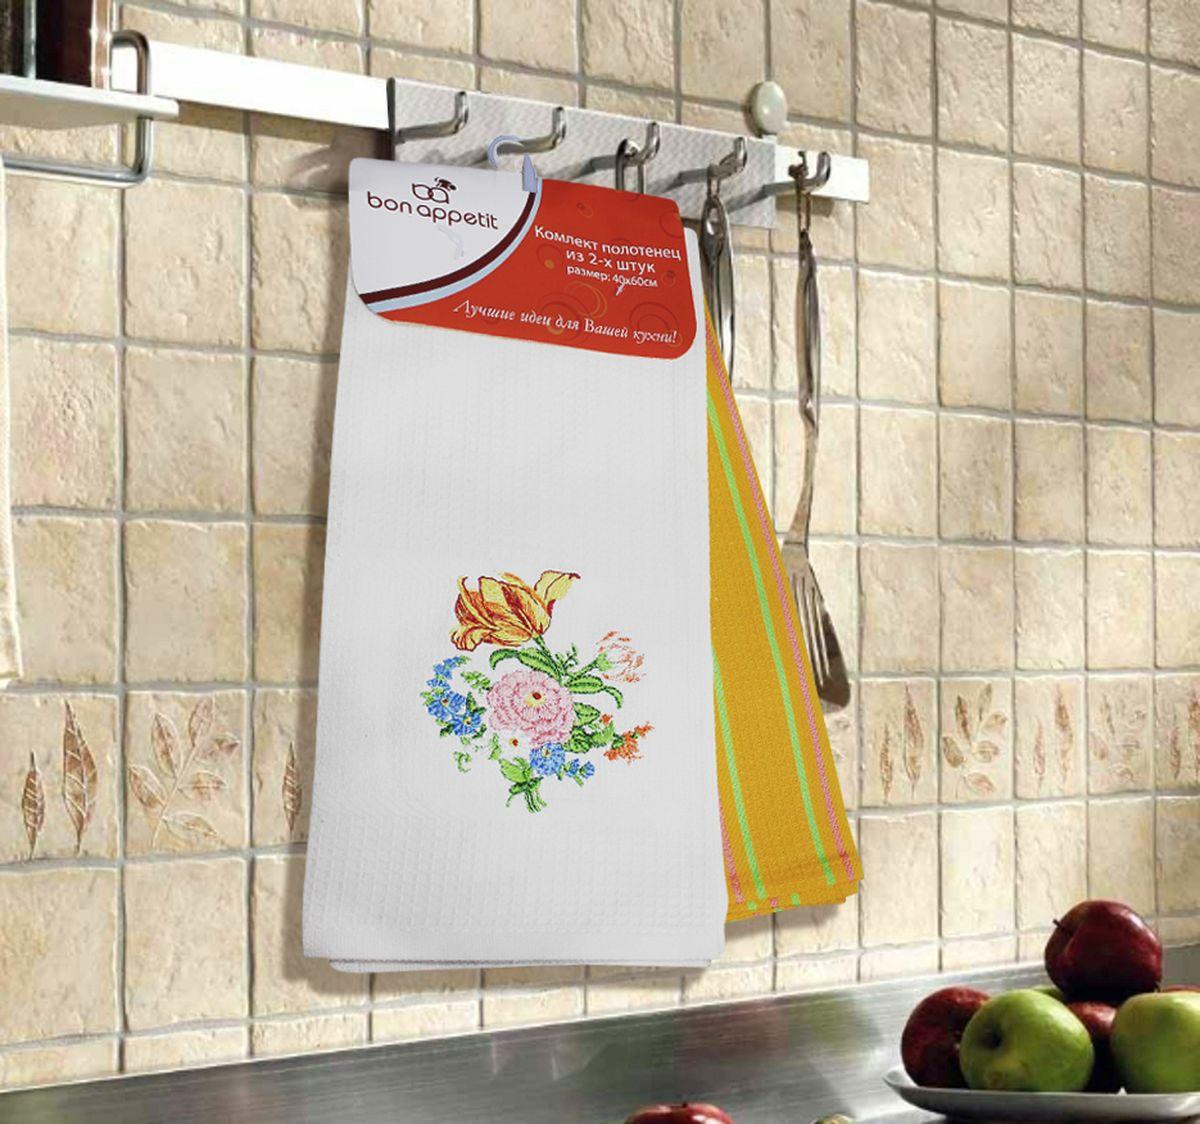 Набор кухонных полотенец Bon Appetit Peony, цвет: белый, желтый, 2 шт64863Кухонные полотенца Bon Appetit Peony - в помощь хозяйке на кухне! Кухонные полотенца Bon Appetit Peony идеально дополнят интерьер вашей кухни и создадут атмосферу уюта и комфорта. Полотенца выполнены из натурального 100% хлопка, поэтому являются экологически чистыми. Качество материала гарантирует безопасность не только взрослых, но и самых маленьких членов семьи.